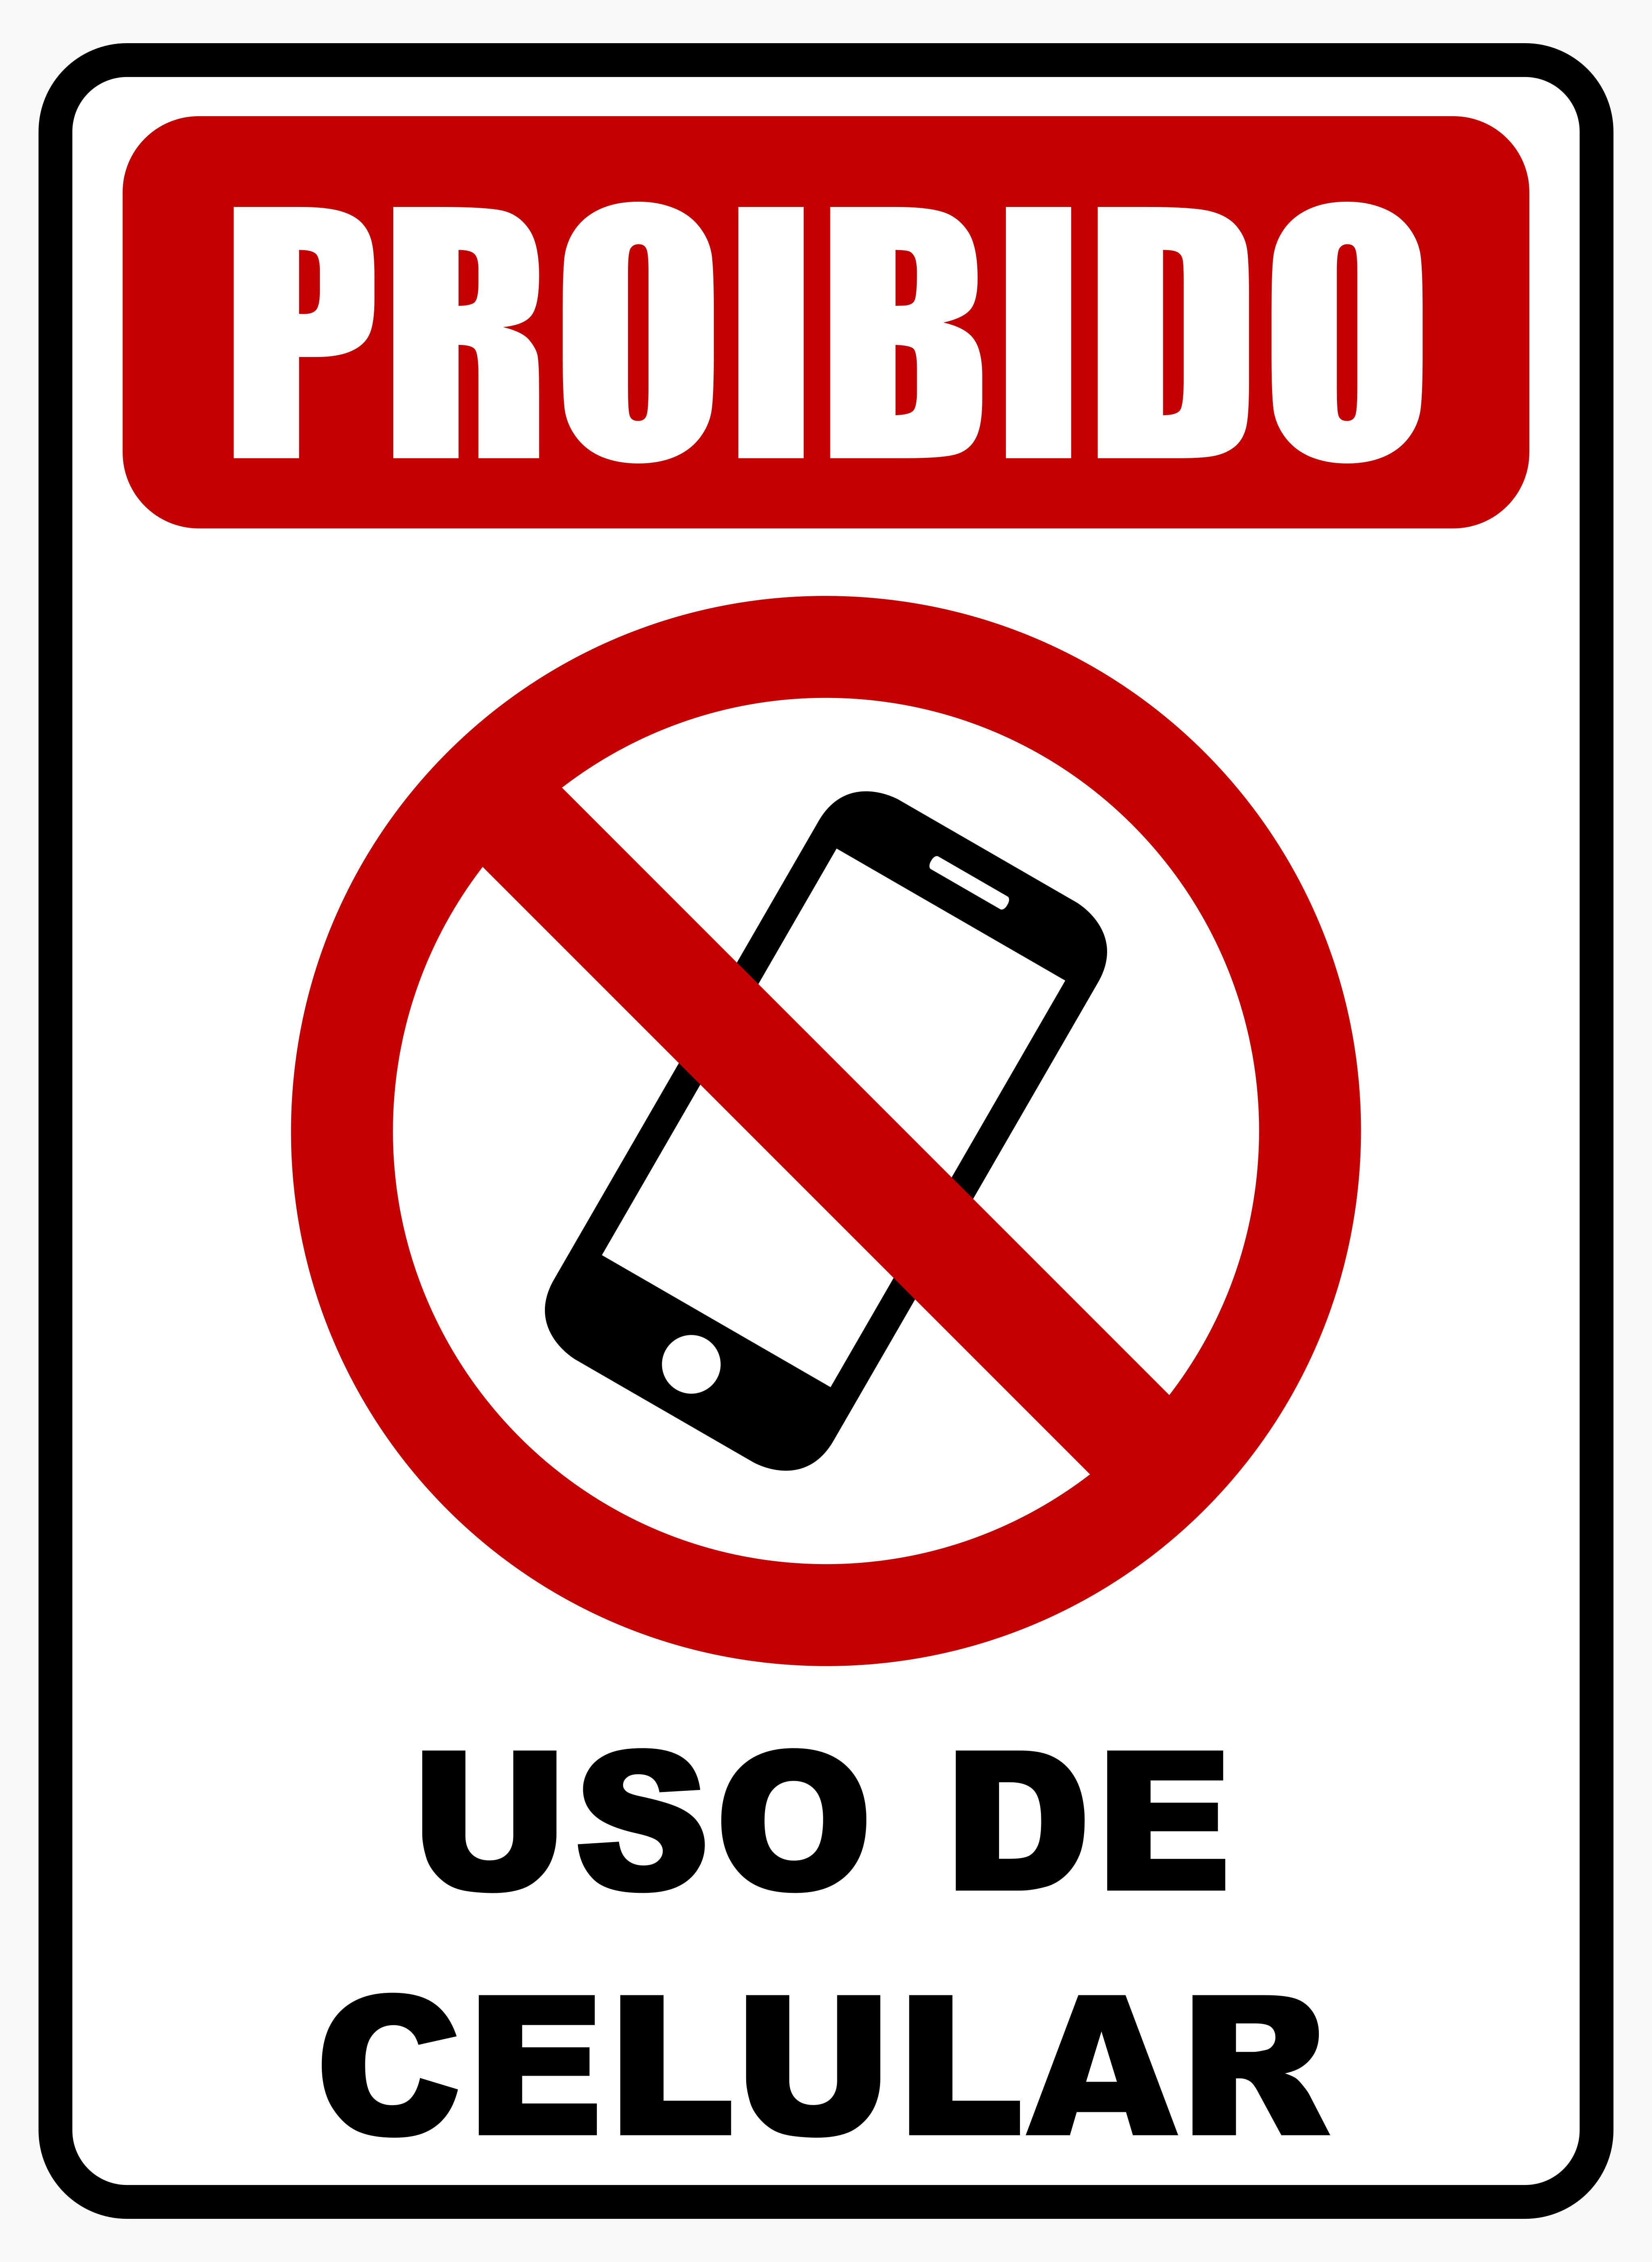 Proibido Celular Cartaz.